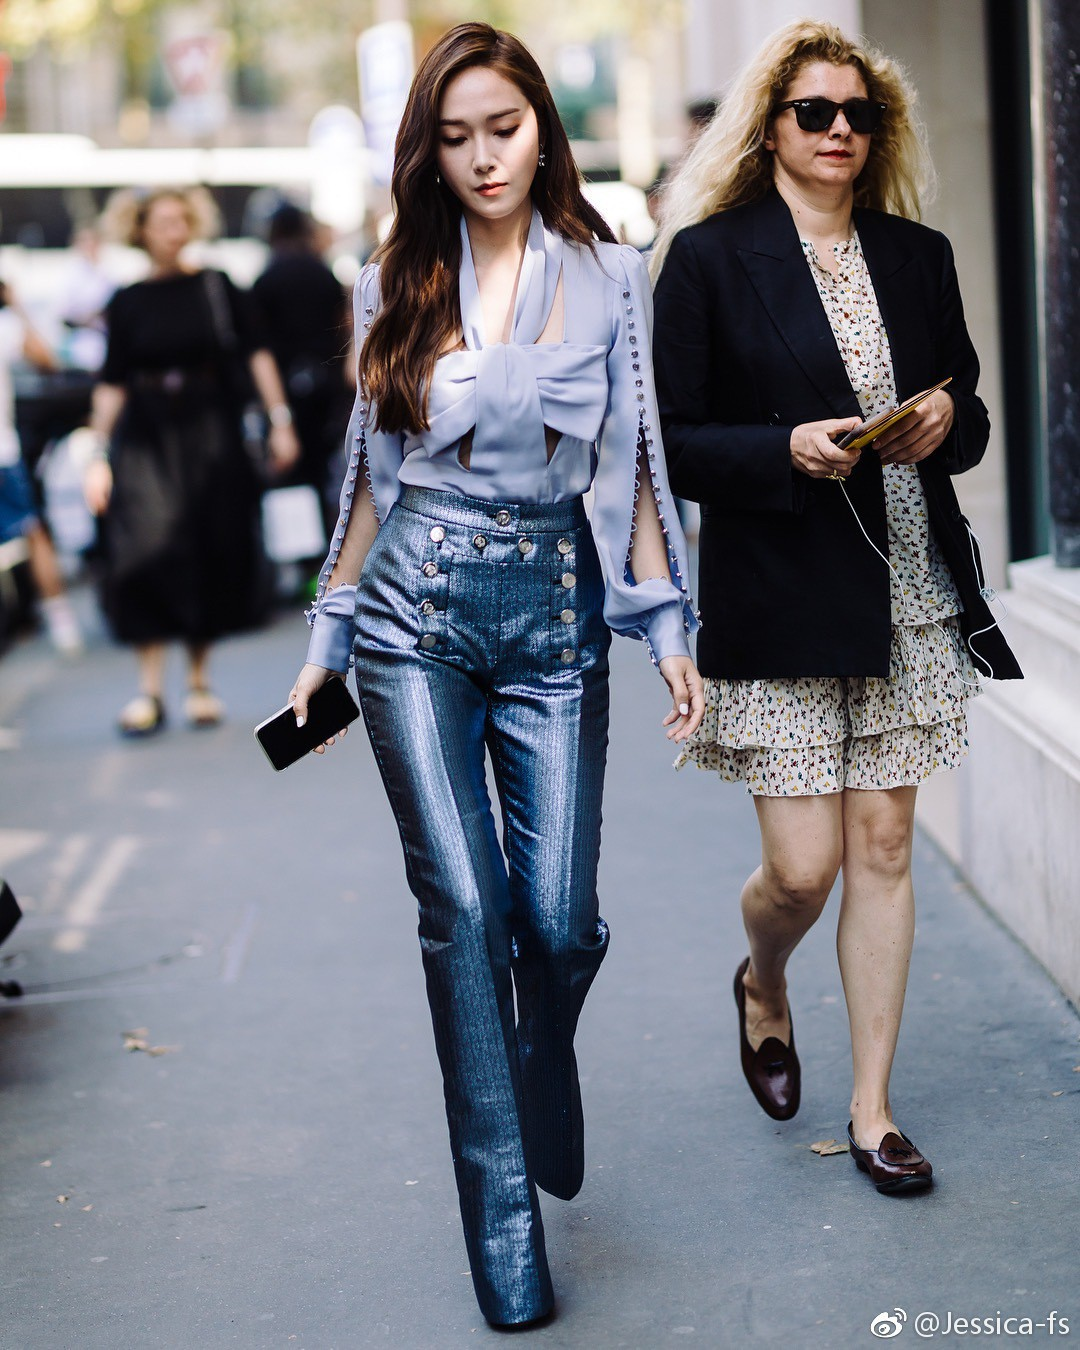 Jessica Jung khoe nhan sắc trong veo và gu thời trang đẳng cấp tại show diễn thời trang - Ảnh 2.